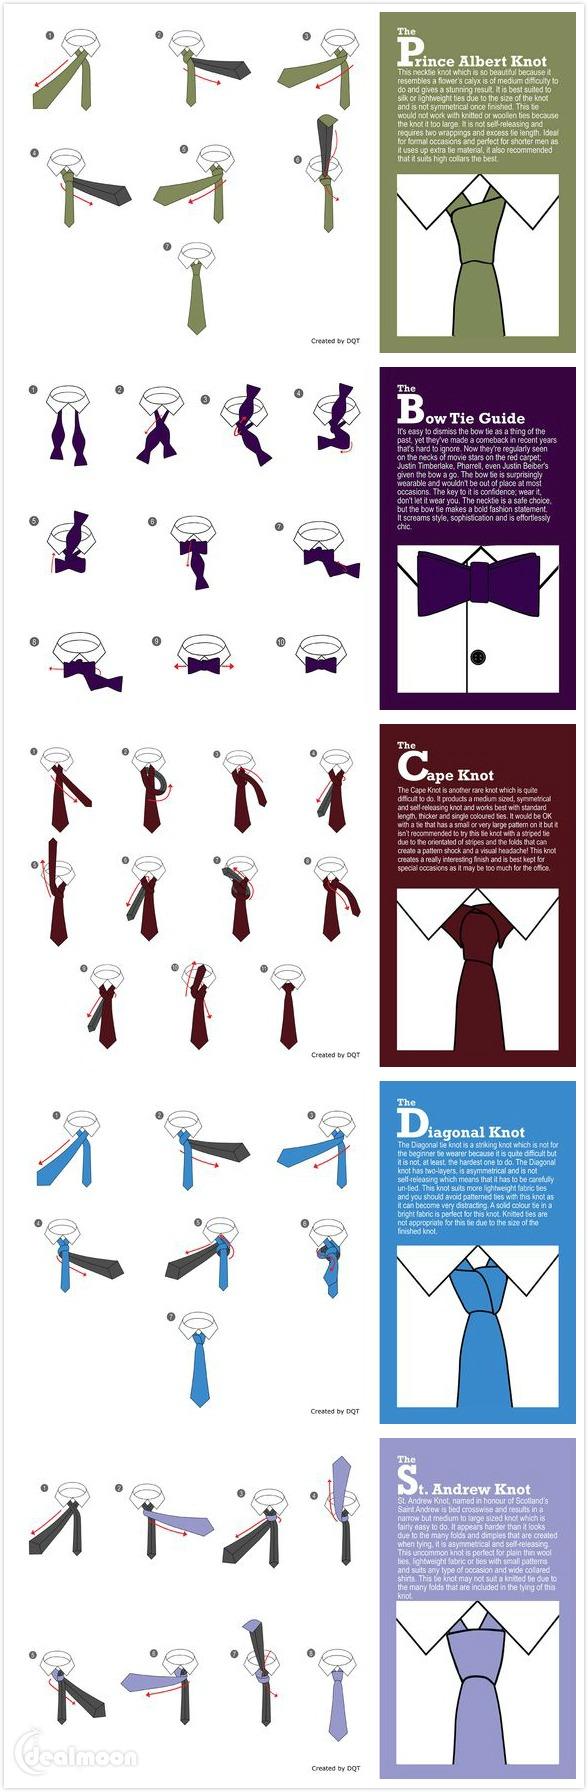 高级领带的6种经典系法!下次照着这样给男神系,就不怕手忙脚乱啦!